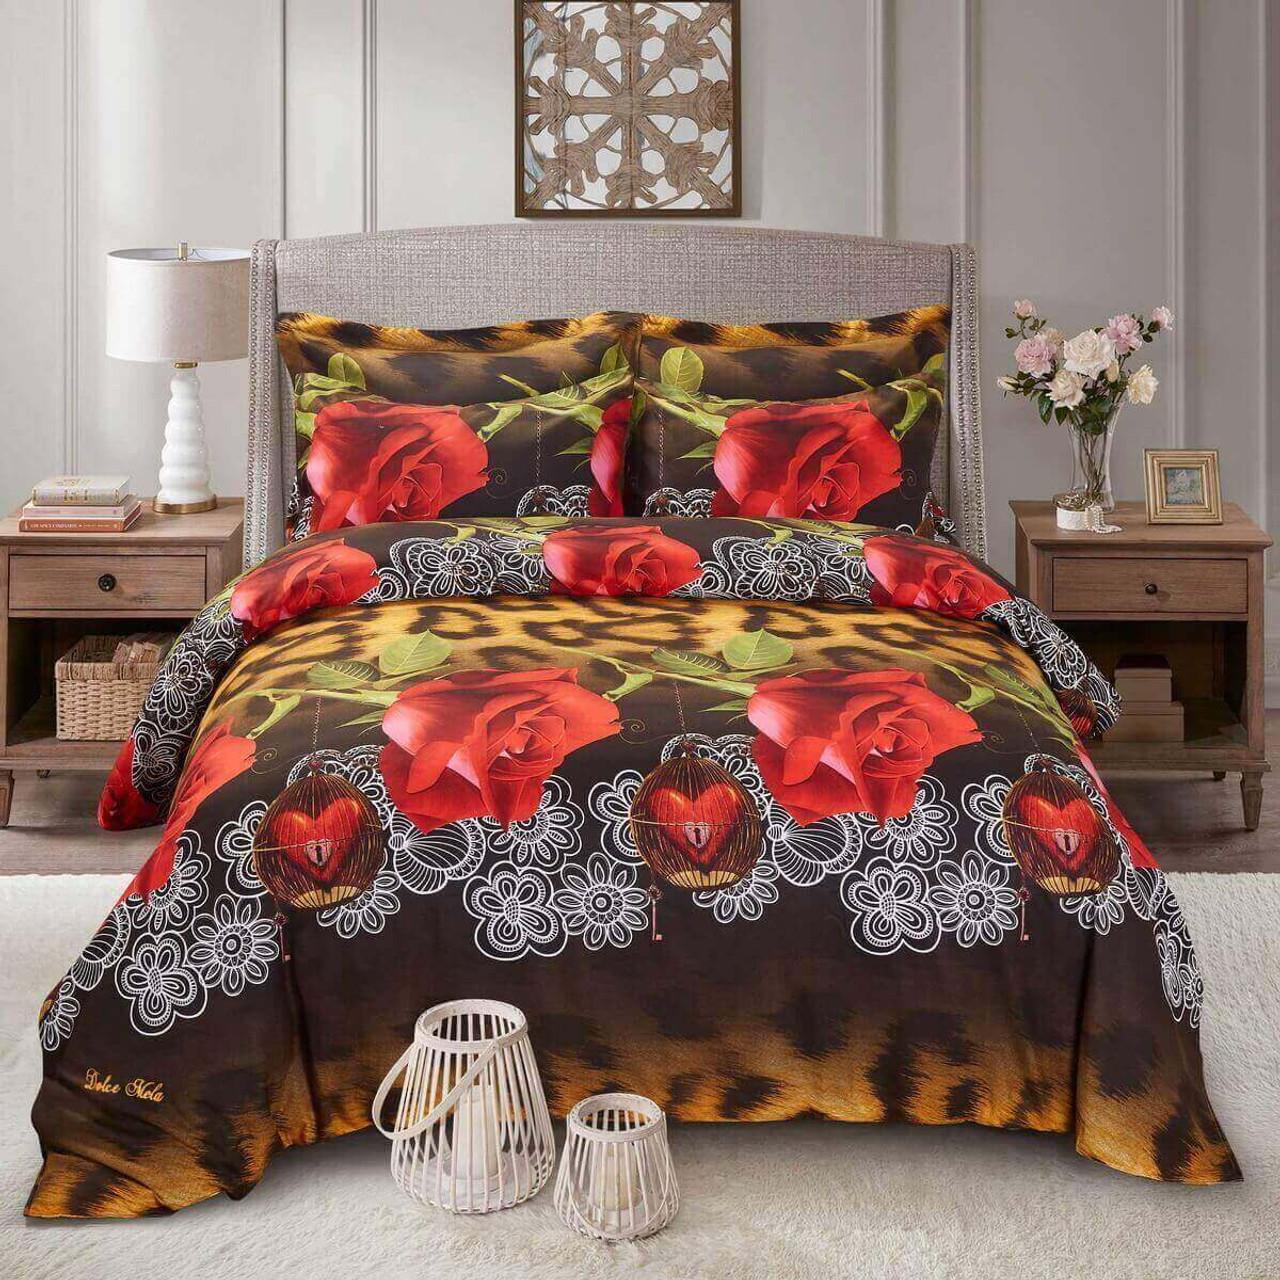 Floral King Duvet Cover Set Fitted Bedding Dolce Mela Dm709k